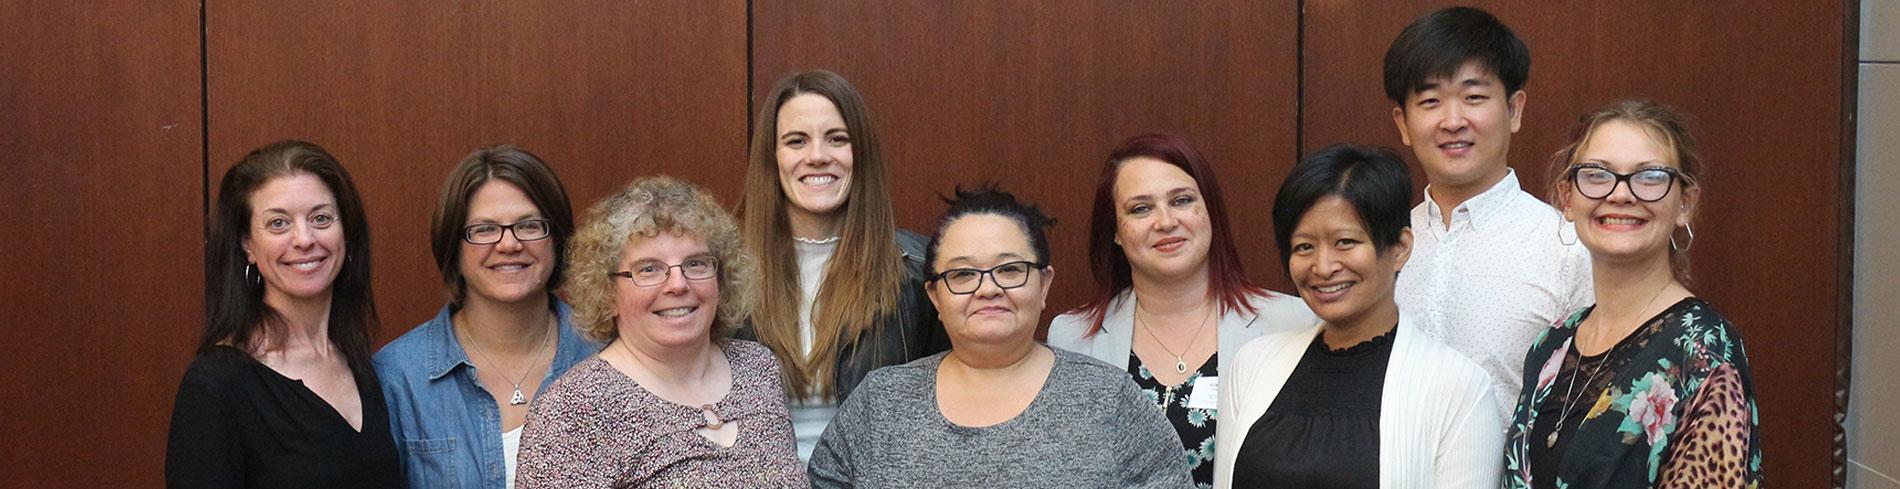 Un grupo de empleados y voluntarios de la Sociedad Auditiva de Chicago sonriéndole a usted.